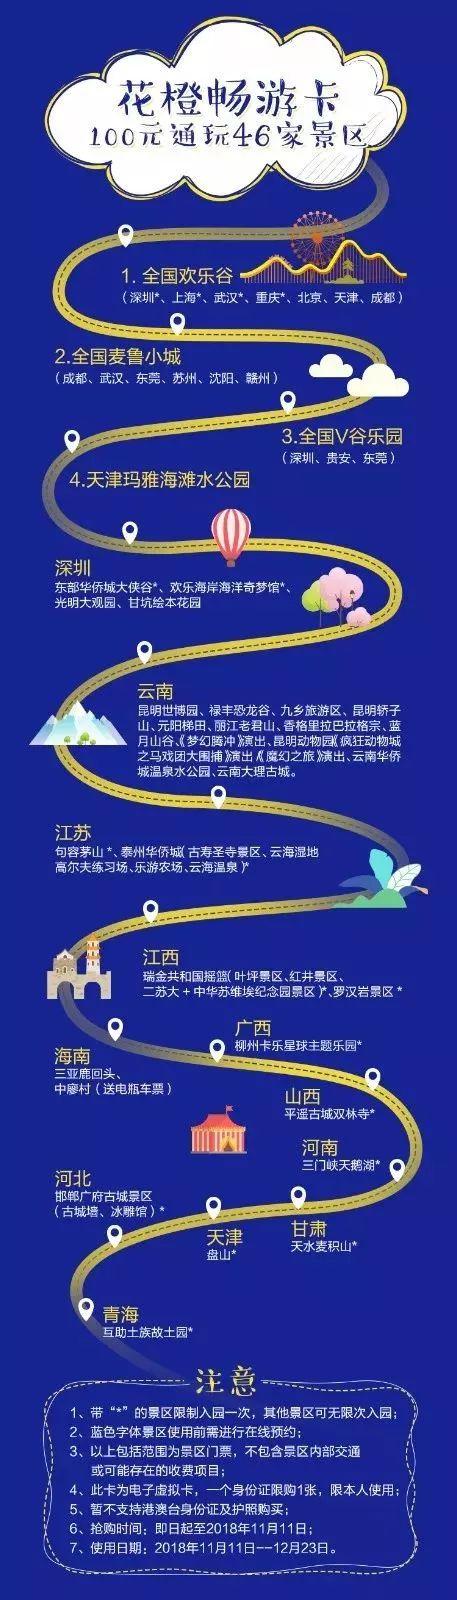 全国46家景区100元一卡畅玩 1次上海欢乐谷就回本!